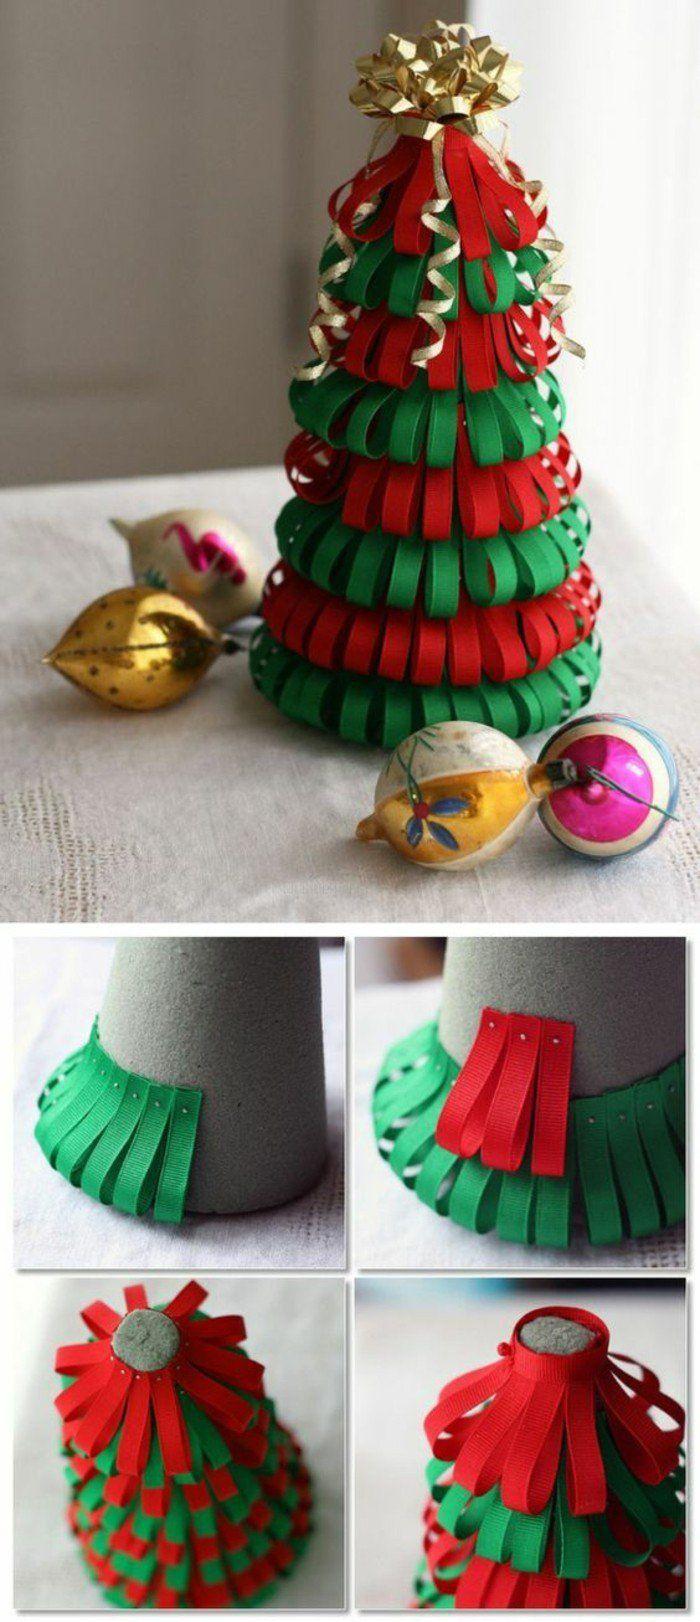 13 weihnachtendekoration selber machen weihnachtsdeko selber machen weihnachtsbaum aus papier selber basteln - Weihnachtsdeko Selber Machen